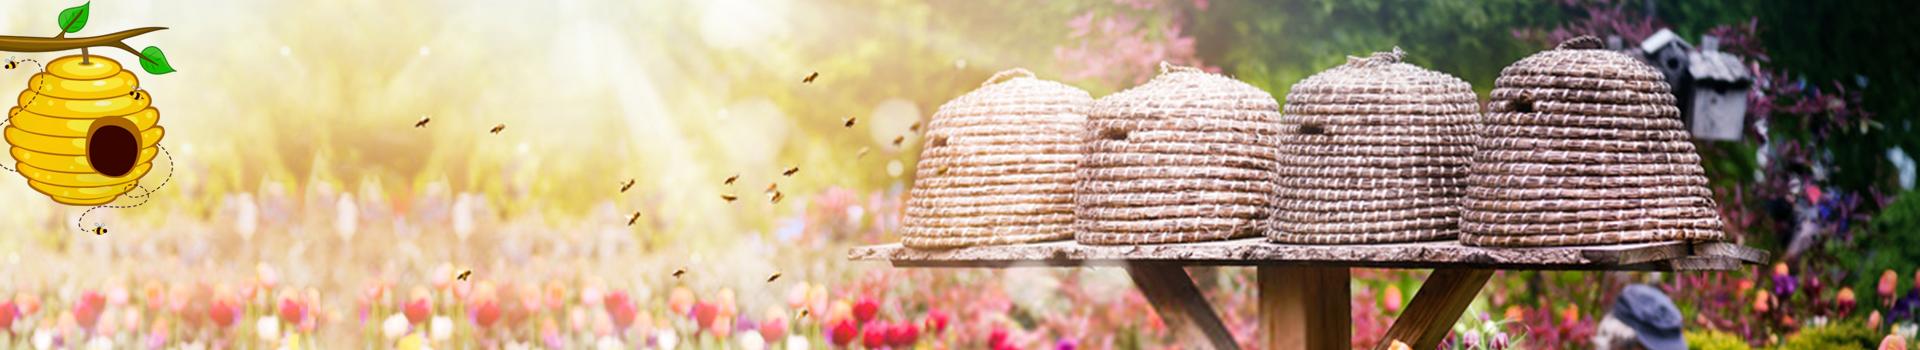 Honey Bee Garden - GeoHoney